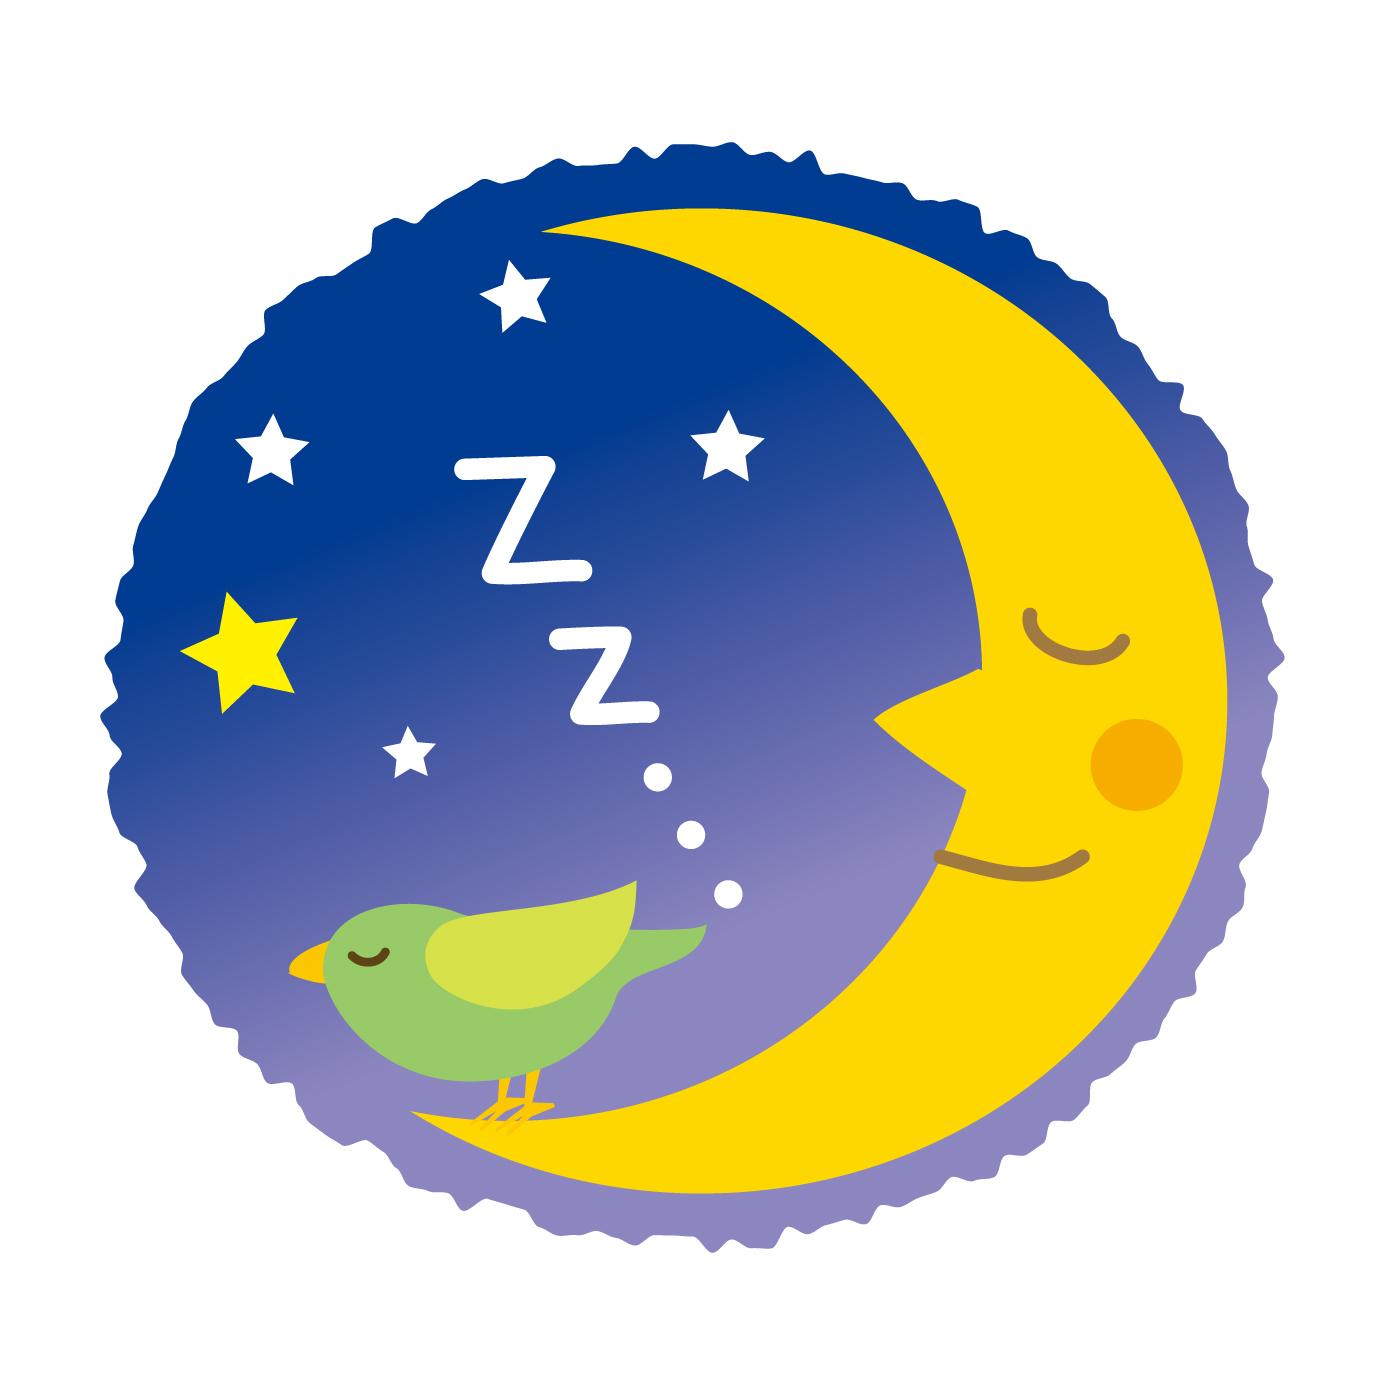 眠い時は寝よう。じゃないと記事の信頼度が下がります・・・